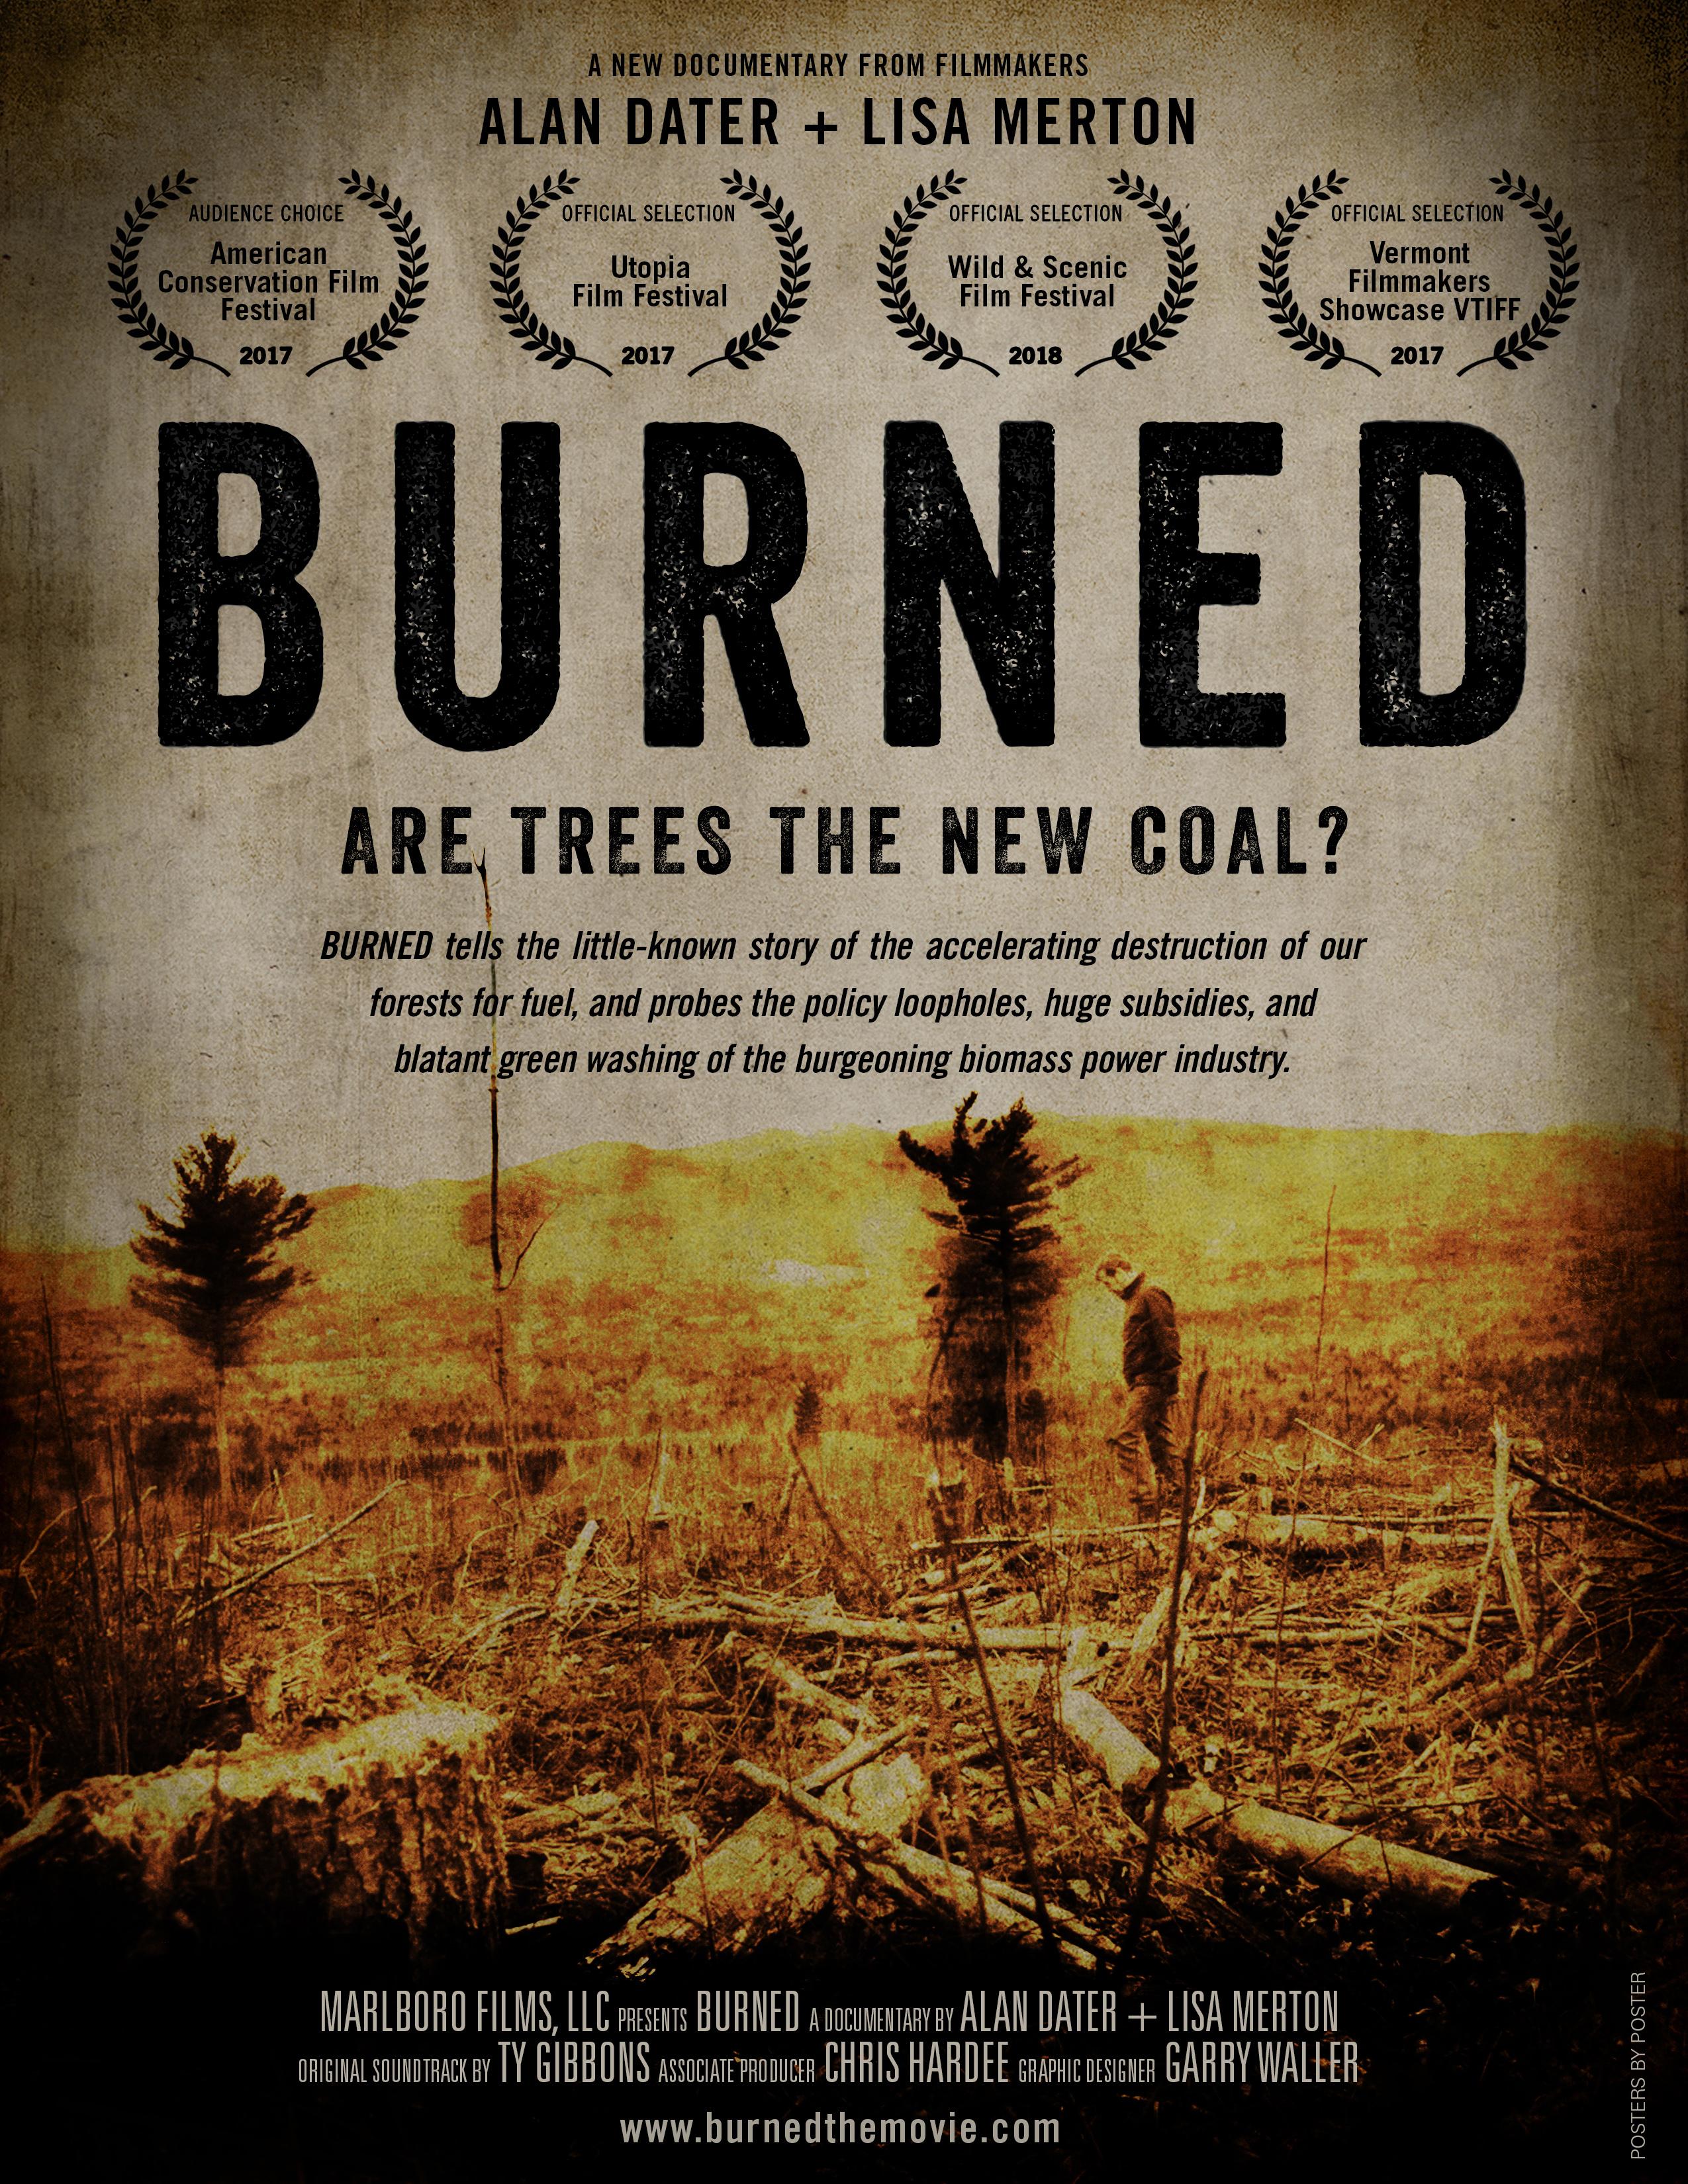 https://burnedthemovie.com/wp-content/uploads/2018/05/Burned-Poster_8.5x11_051818.jpg